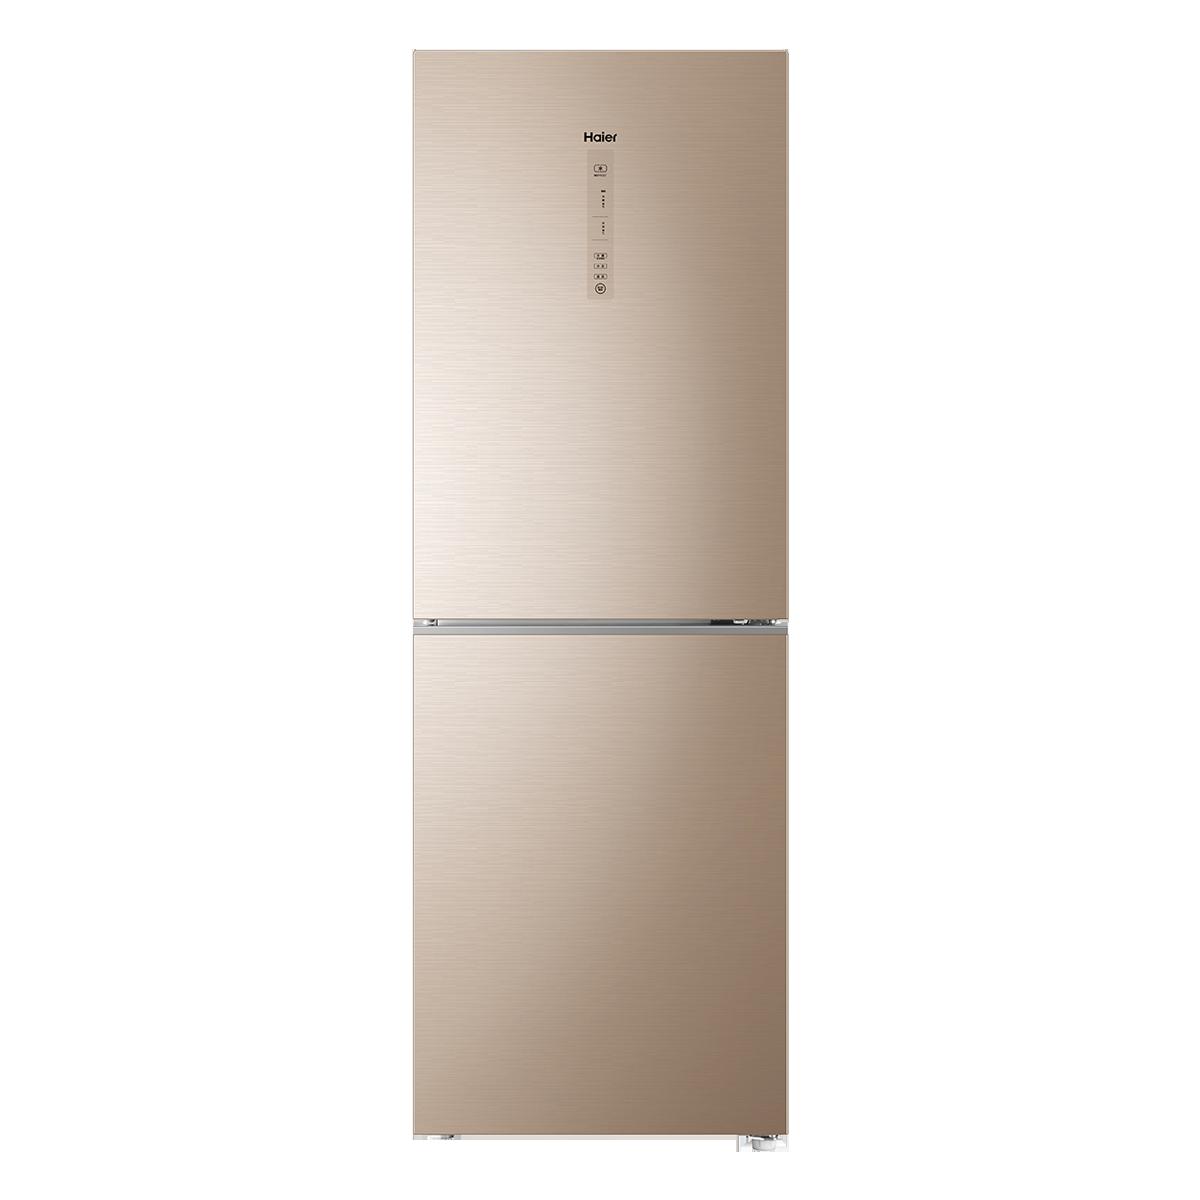 海尔Haier冰箱 BCD-269WDGG 说明书